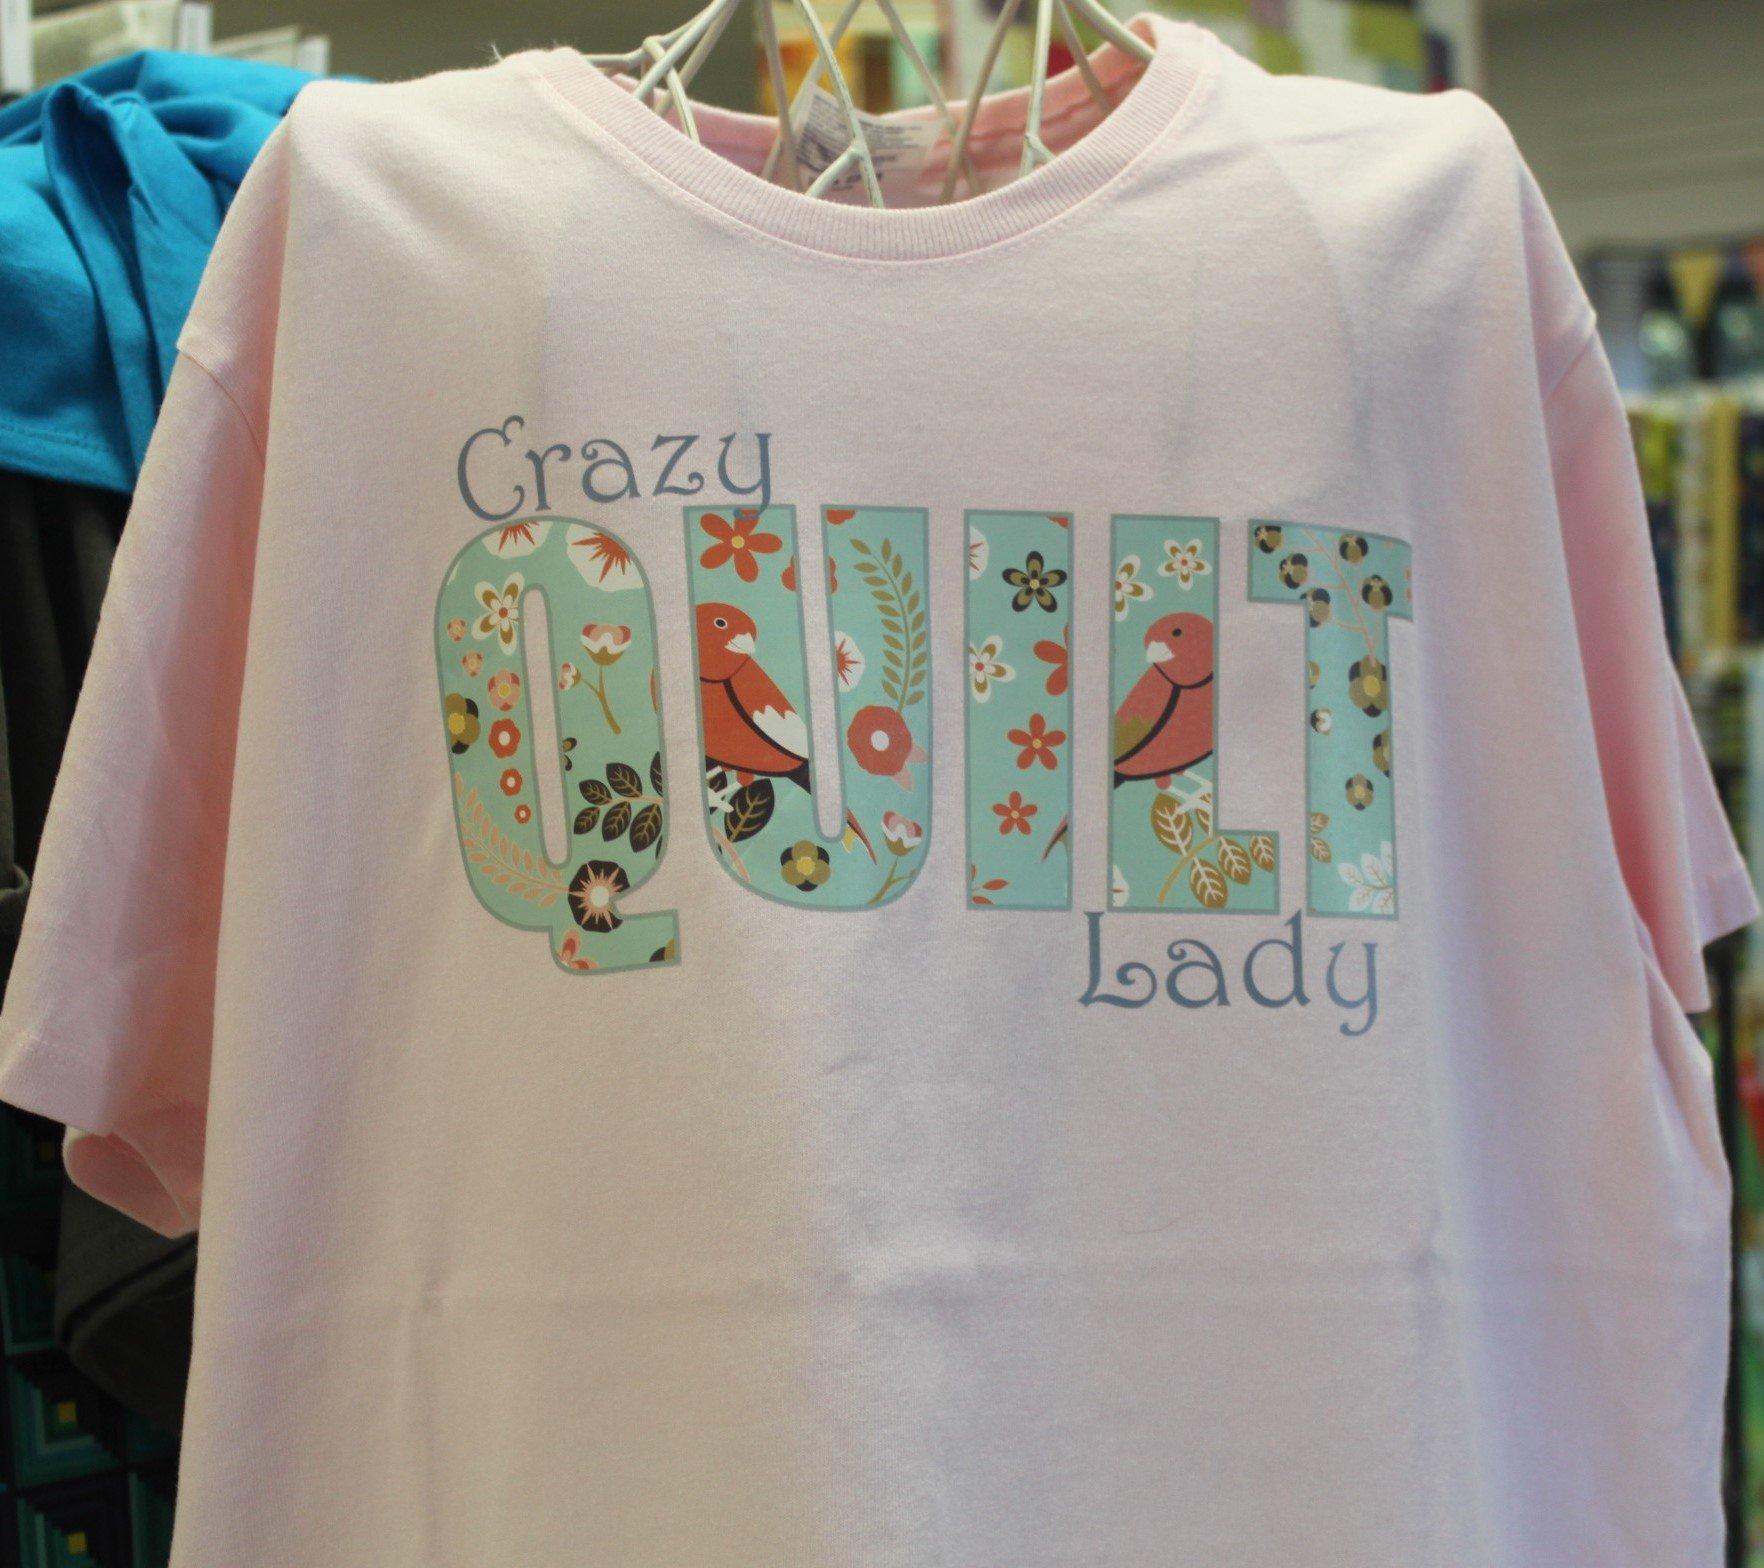 Crazy Quilt Lady Pink 2XL T-Shirt